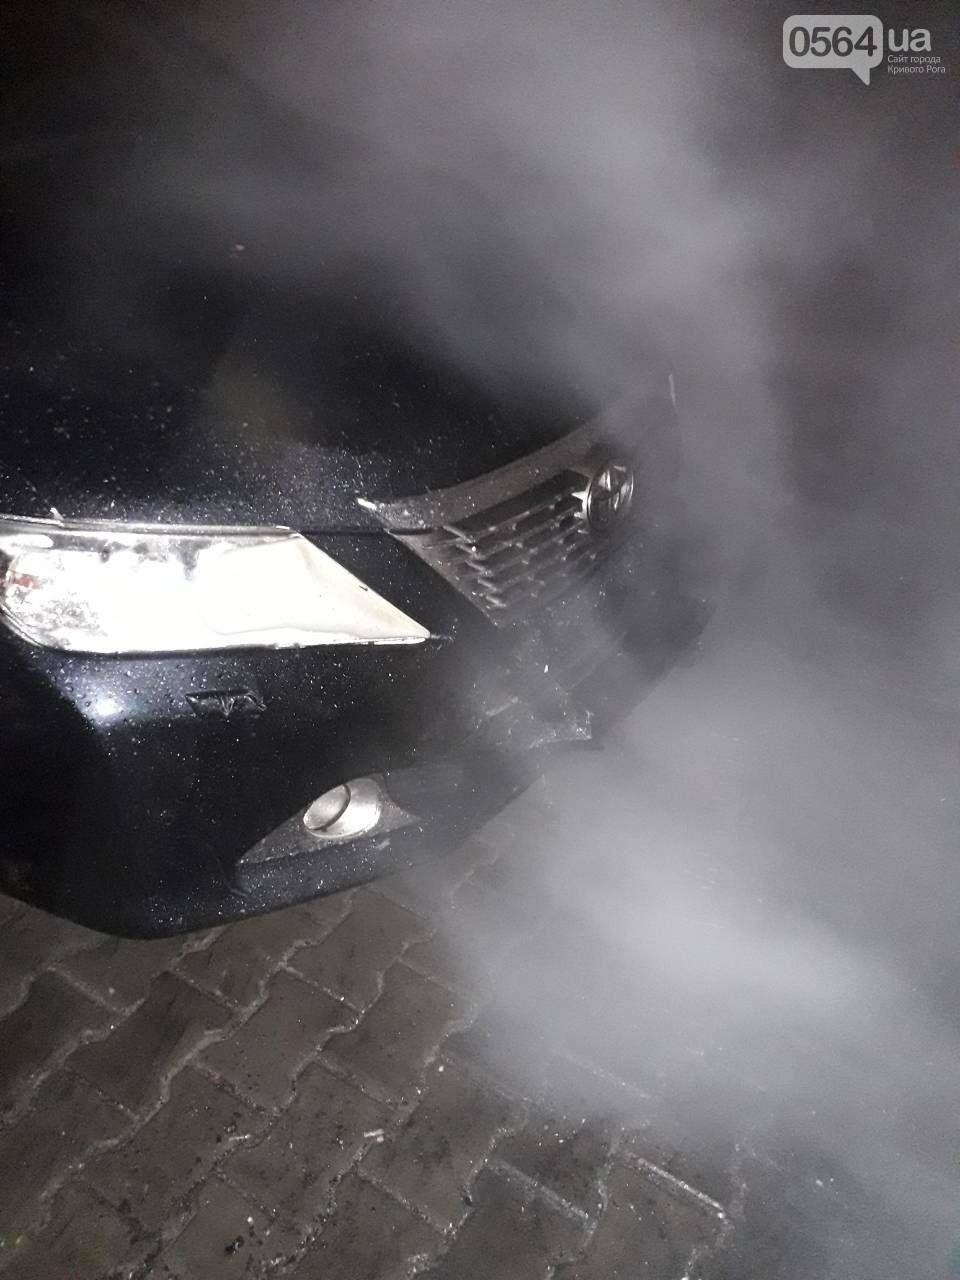 В Кривом Роге сгорела иномарка. Под соседним авто найдены улики возможного поджога (ФОТО) , фото-3